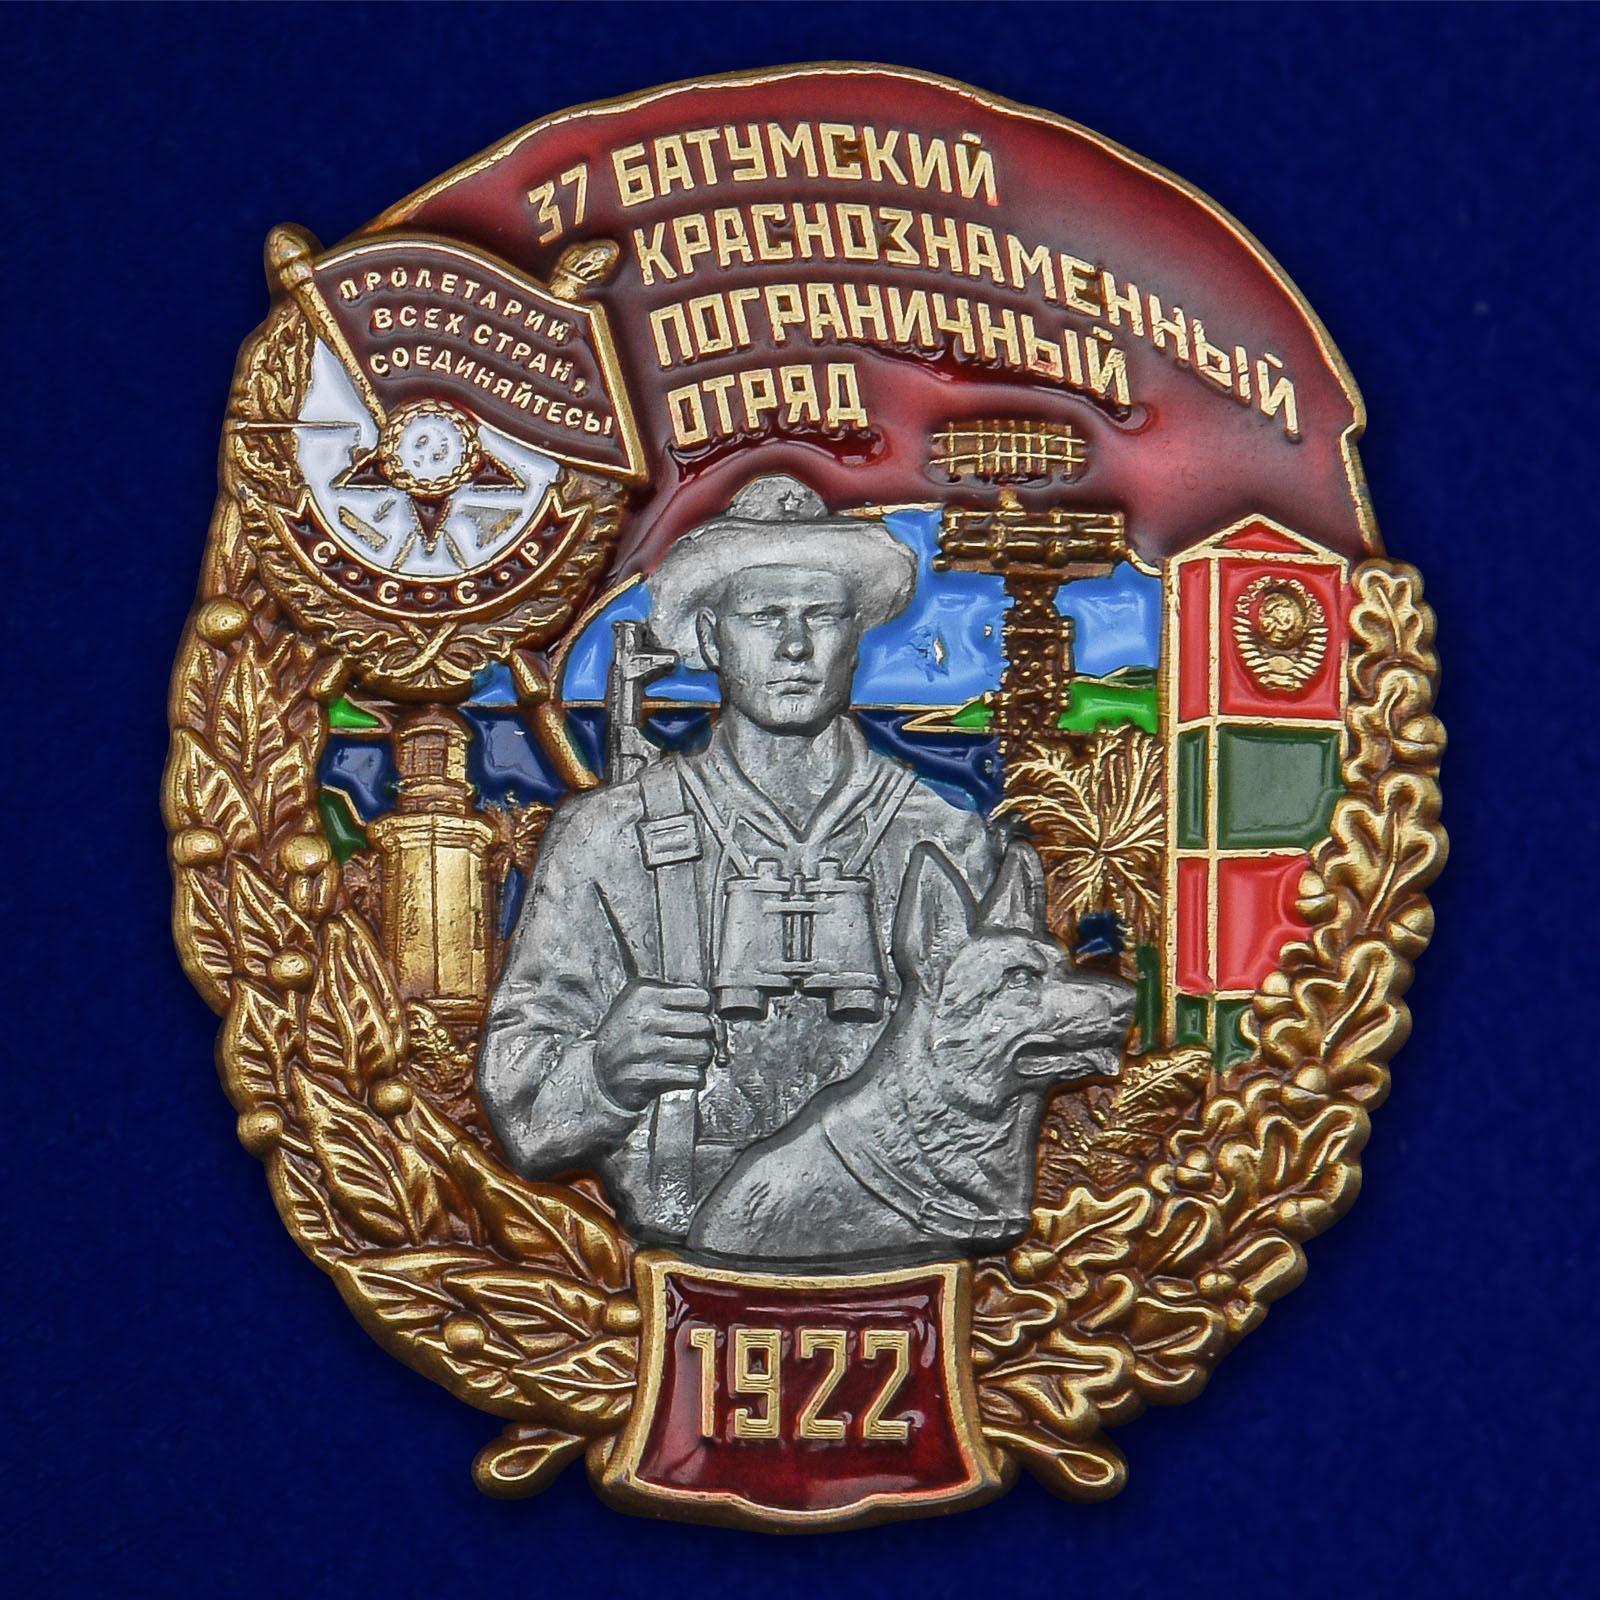 Знак 37 Батумский Краснознамённый Пограничный отряд